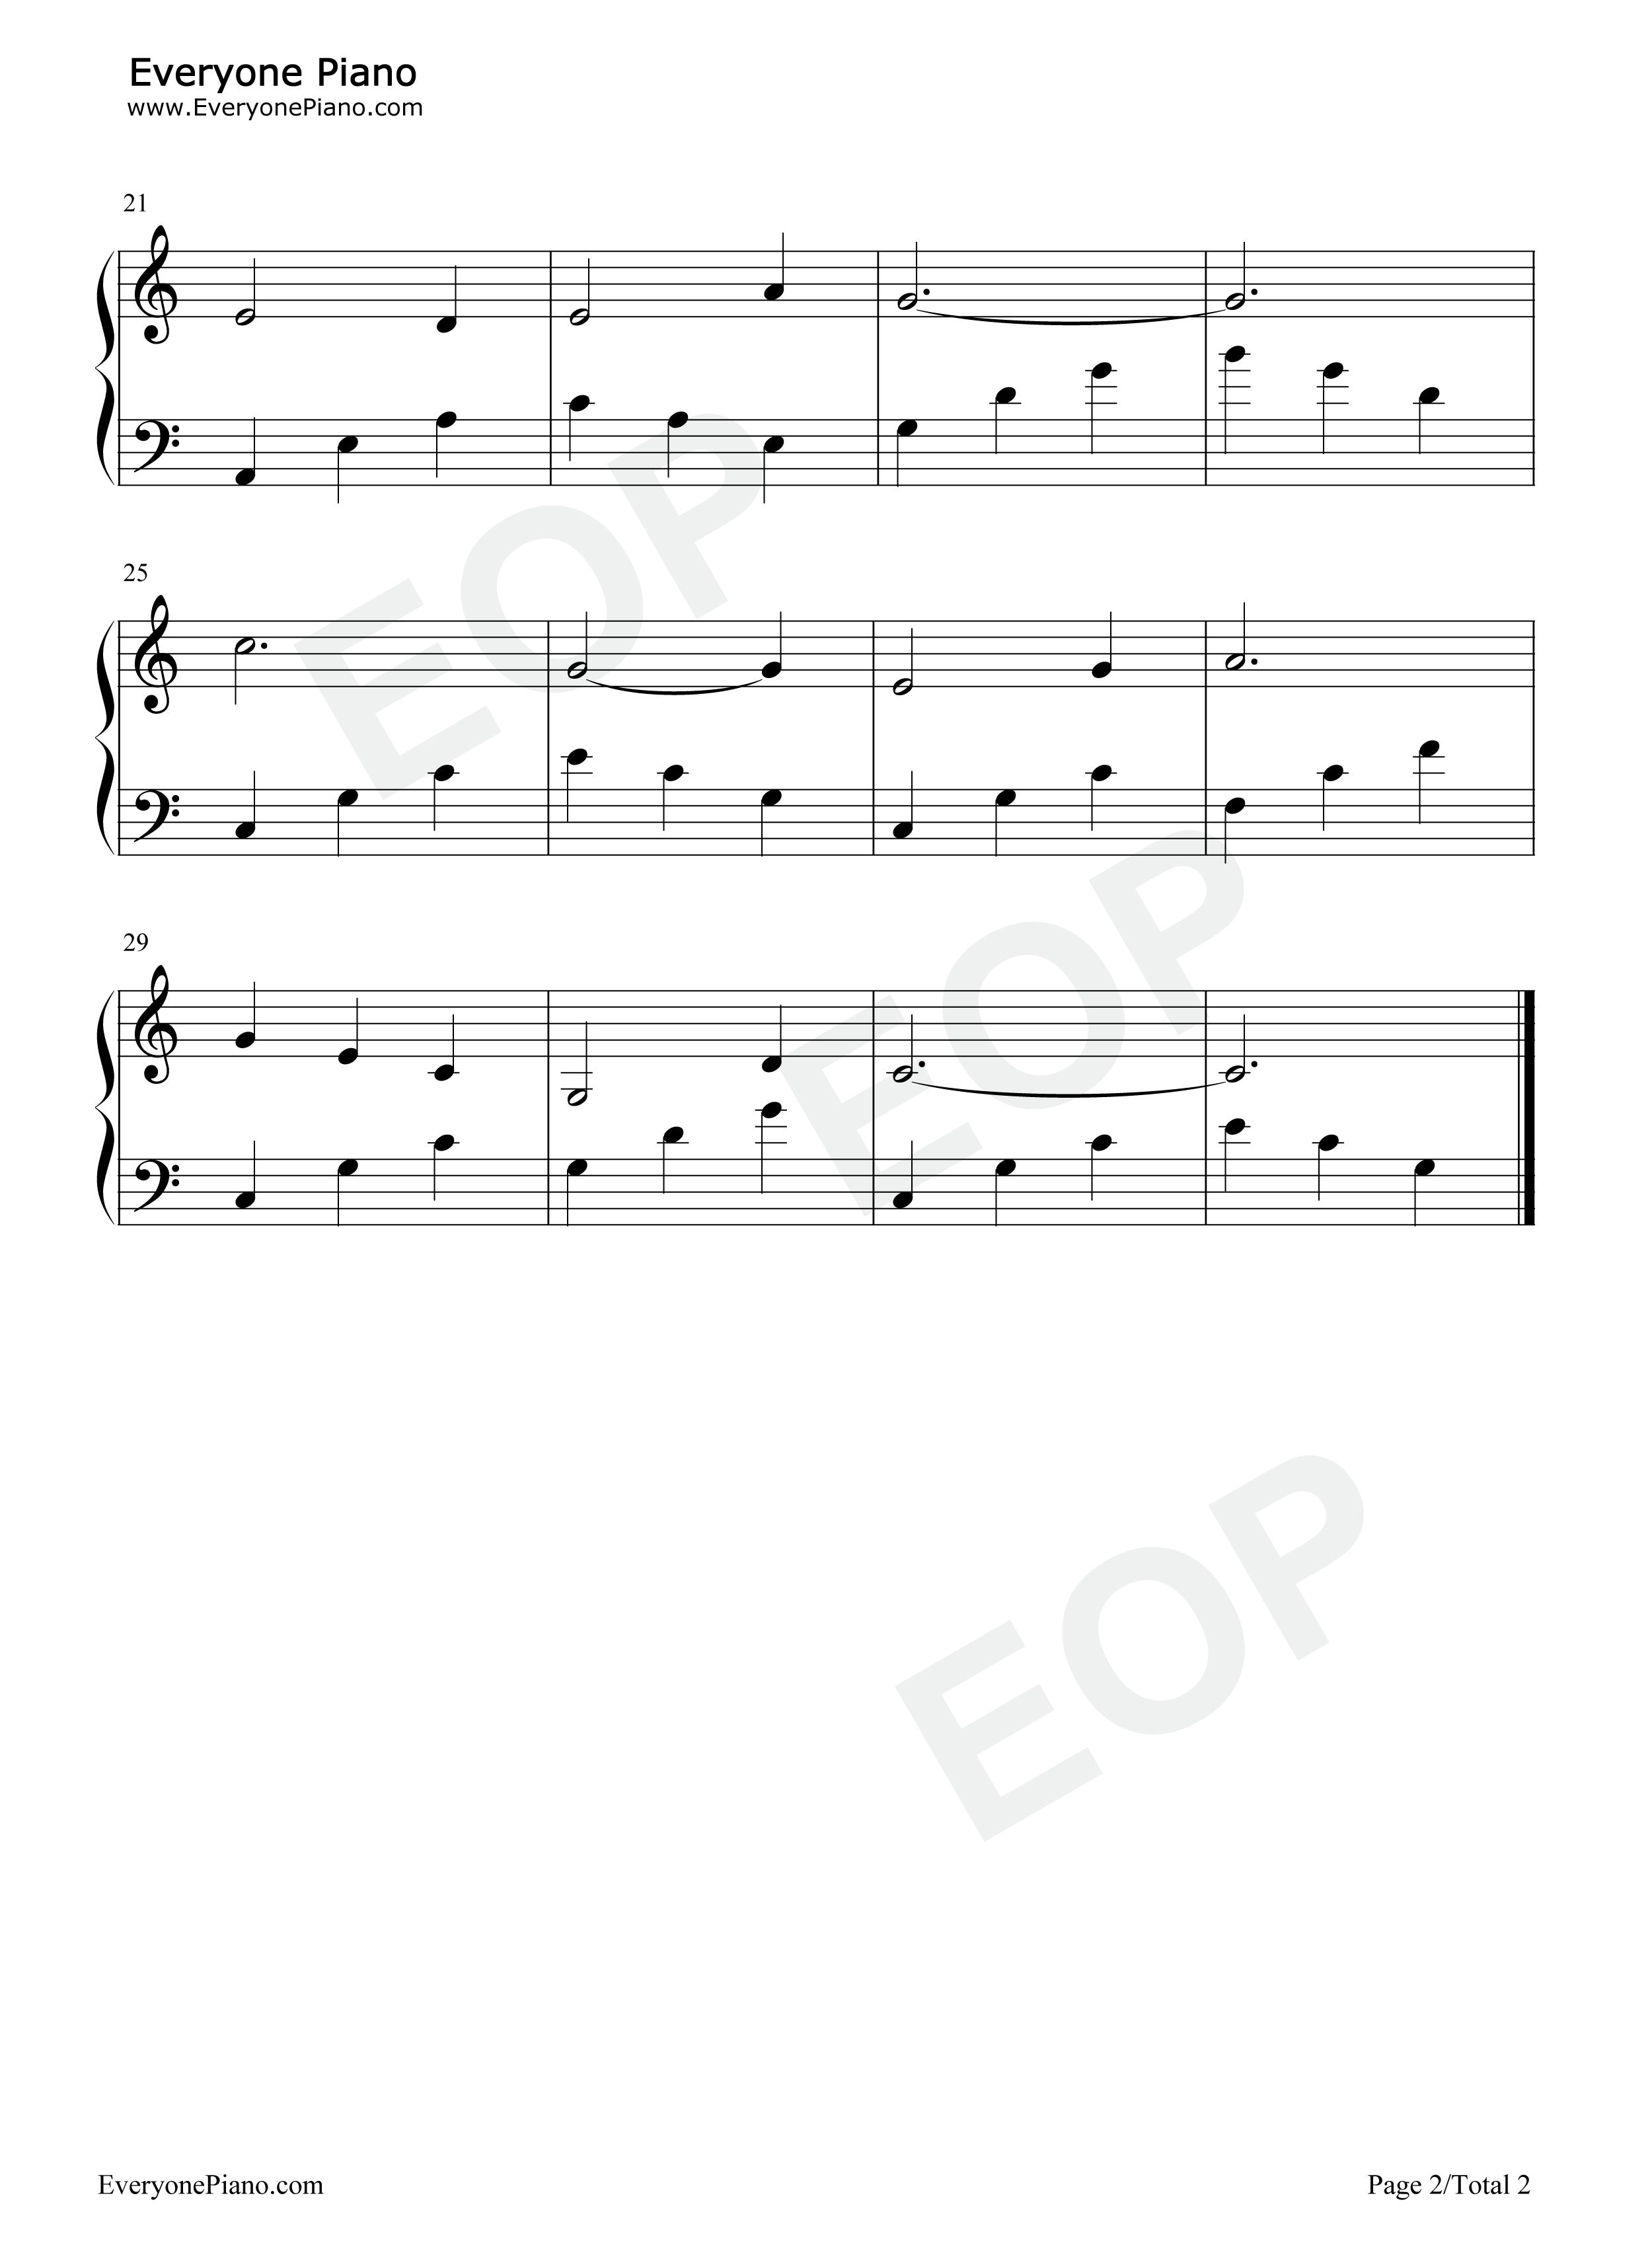 钢琴曲谱 儿歌 小白船-朝鲜童谣 小白船-朝鲜童谣五线谱预览2   仅供